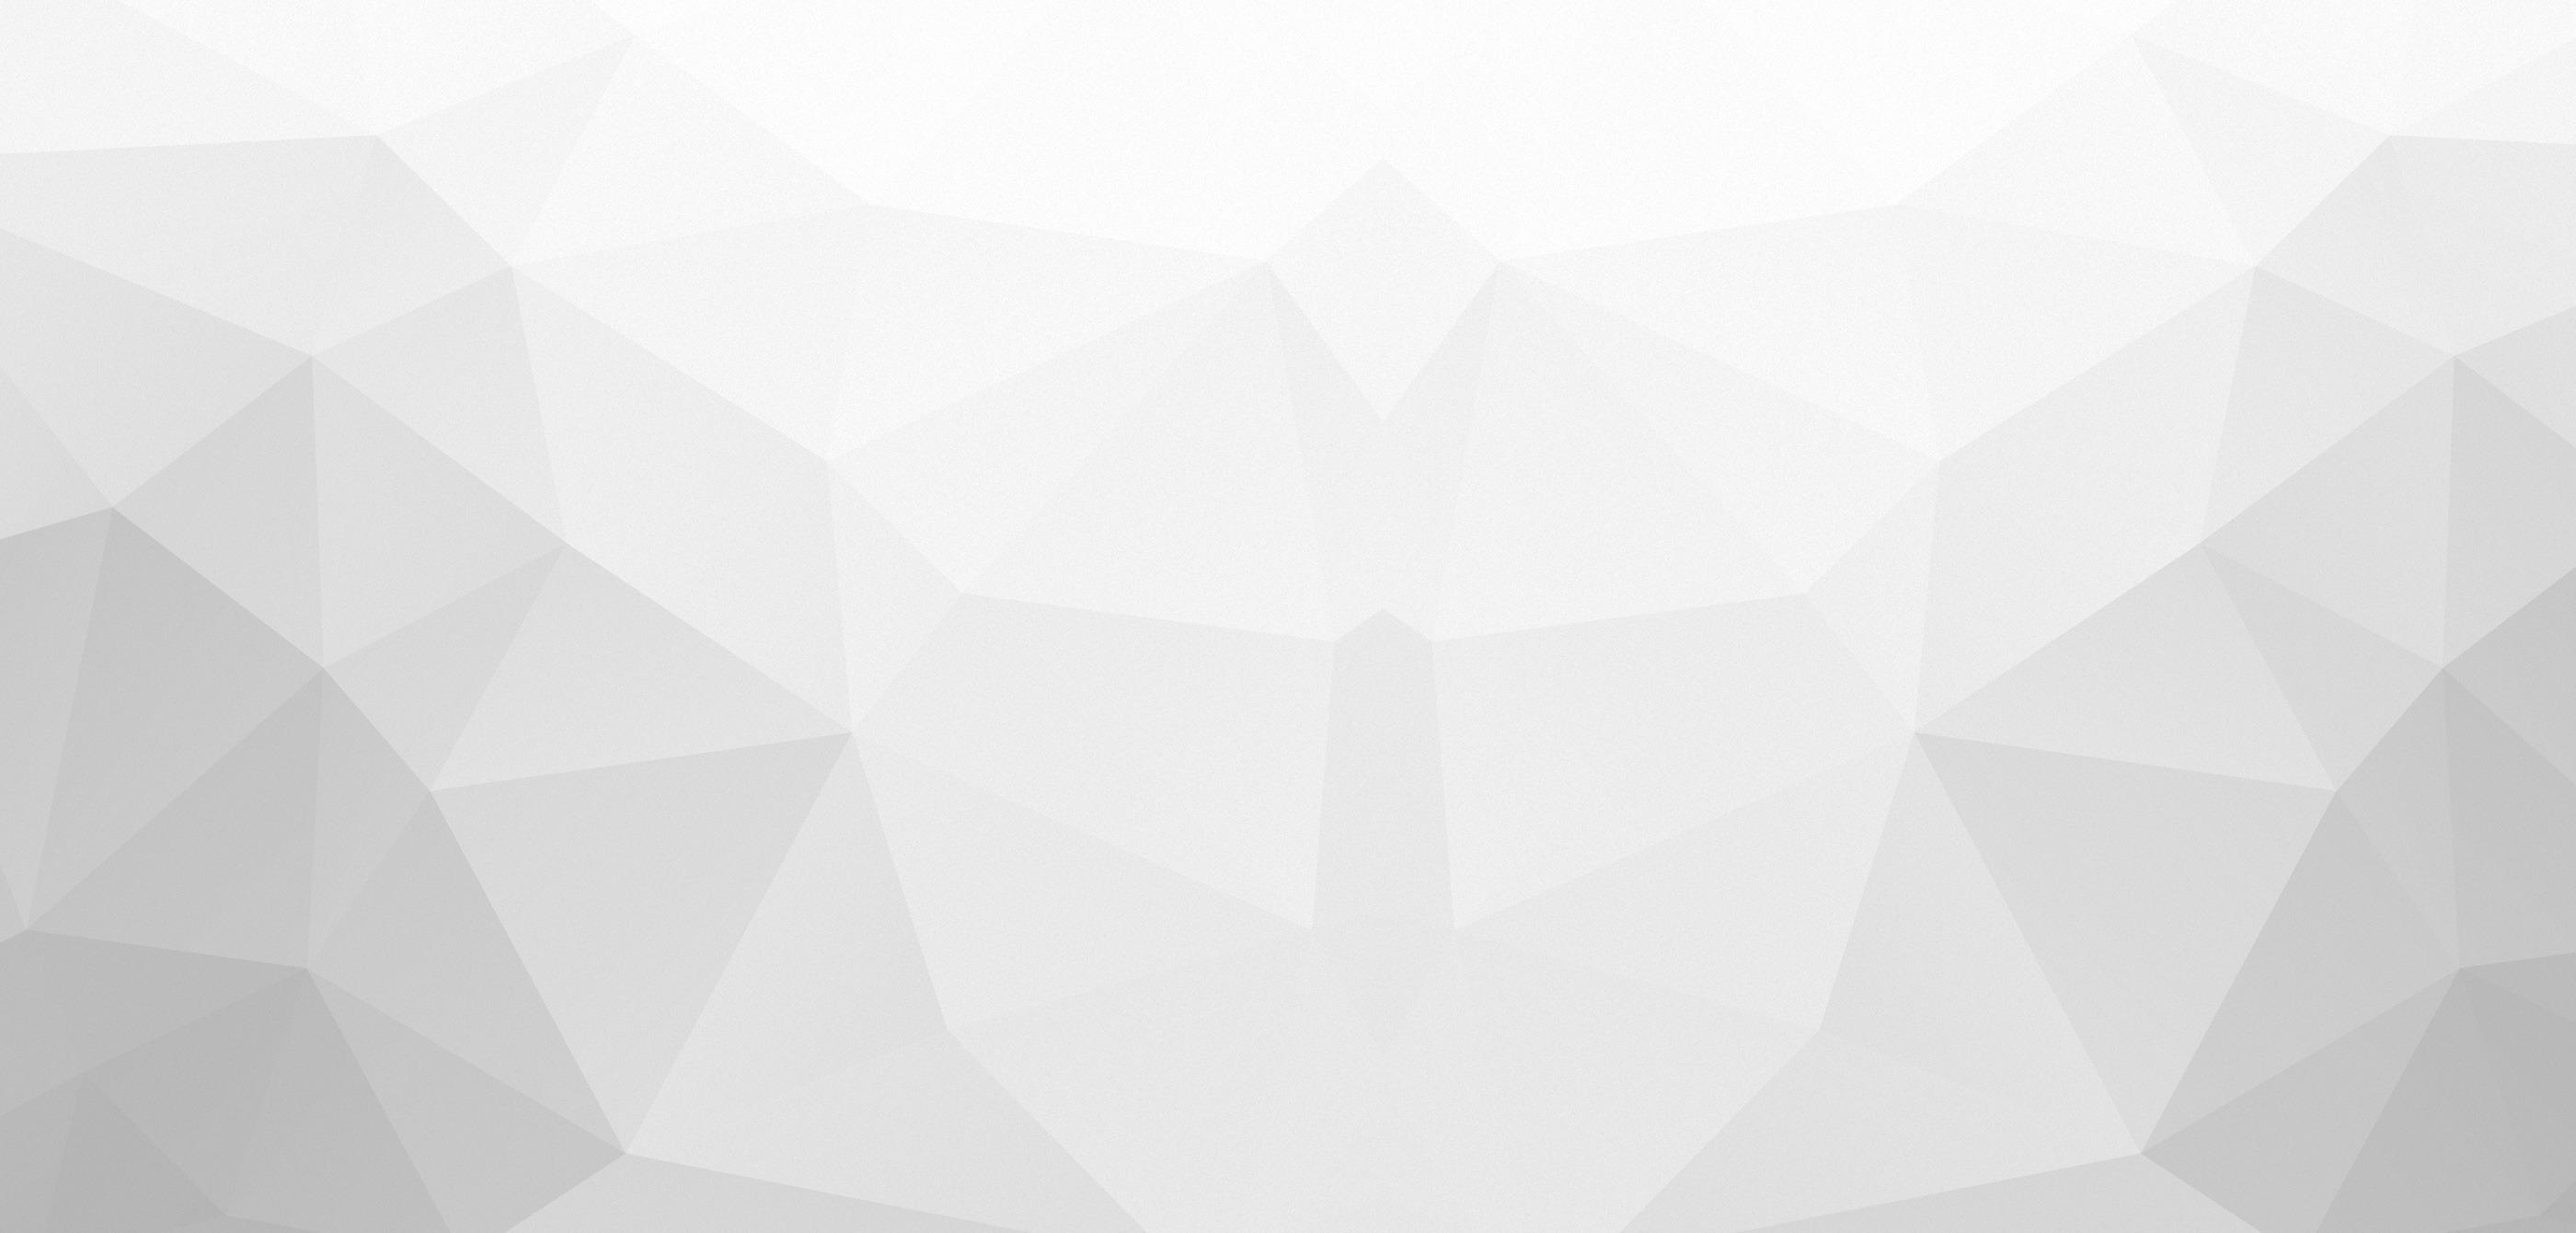 /var/www/html/wp-content/uploads/2018/10/background